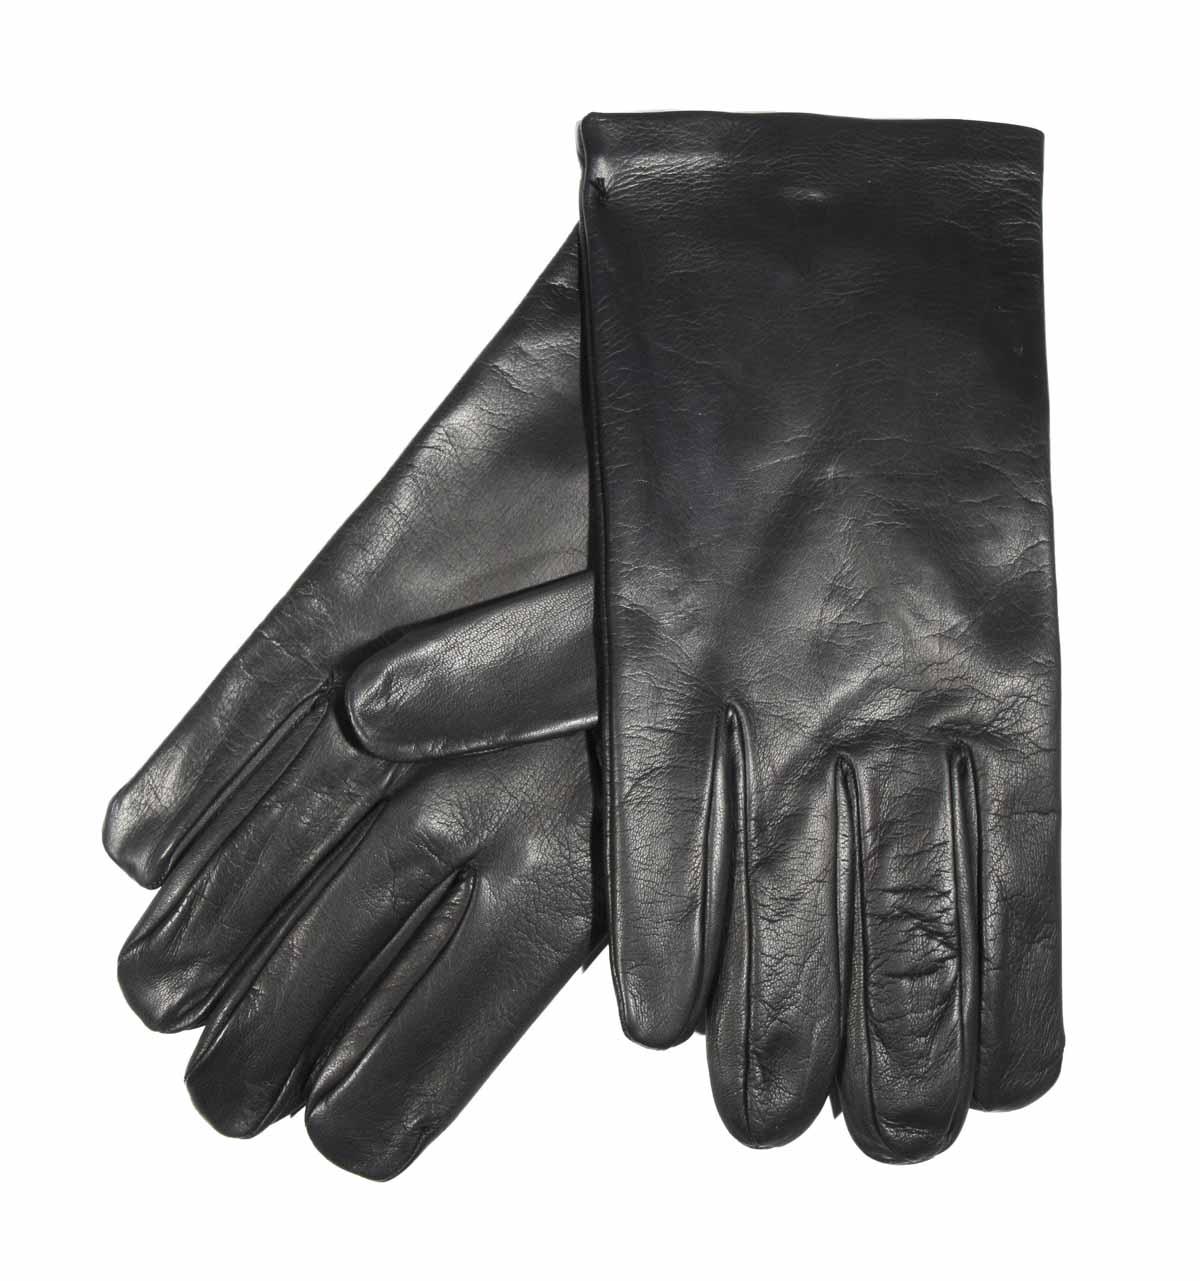 gants cuir homme pour garder ses doigts au chaud avec classe. Black Bedroom Furniture Sets. Home Design Ideas